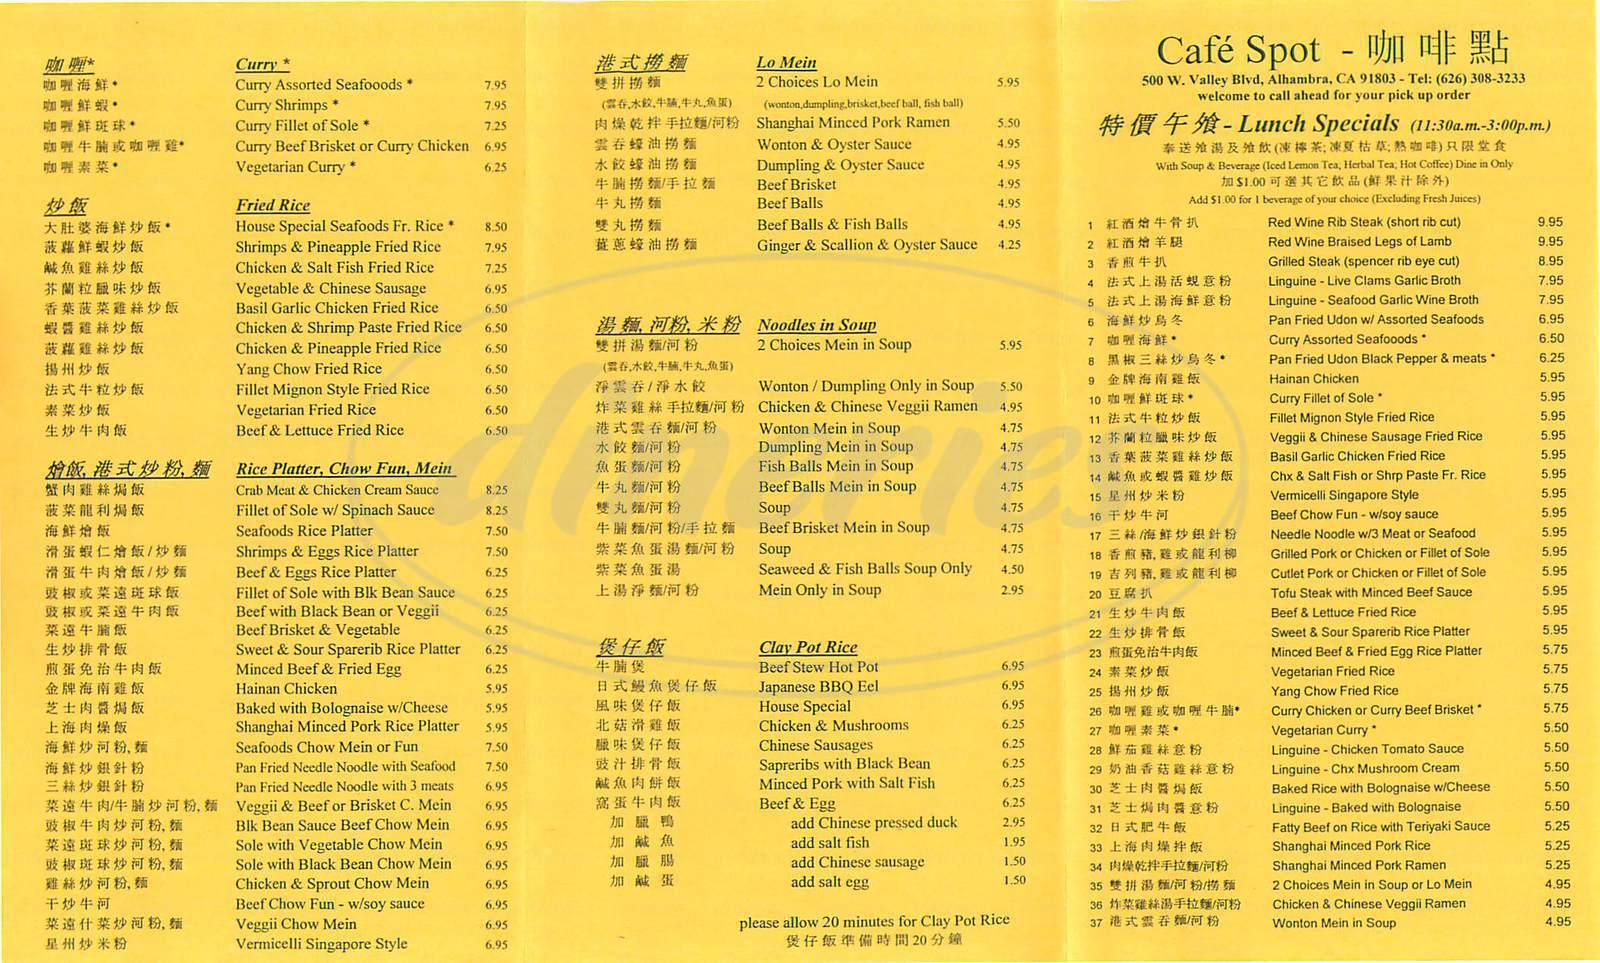 menu for Café Spot